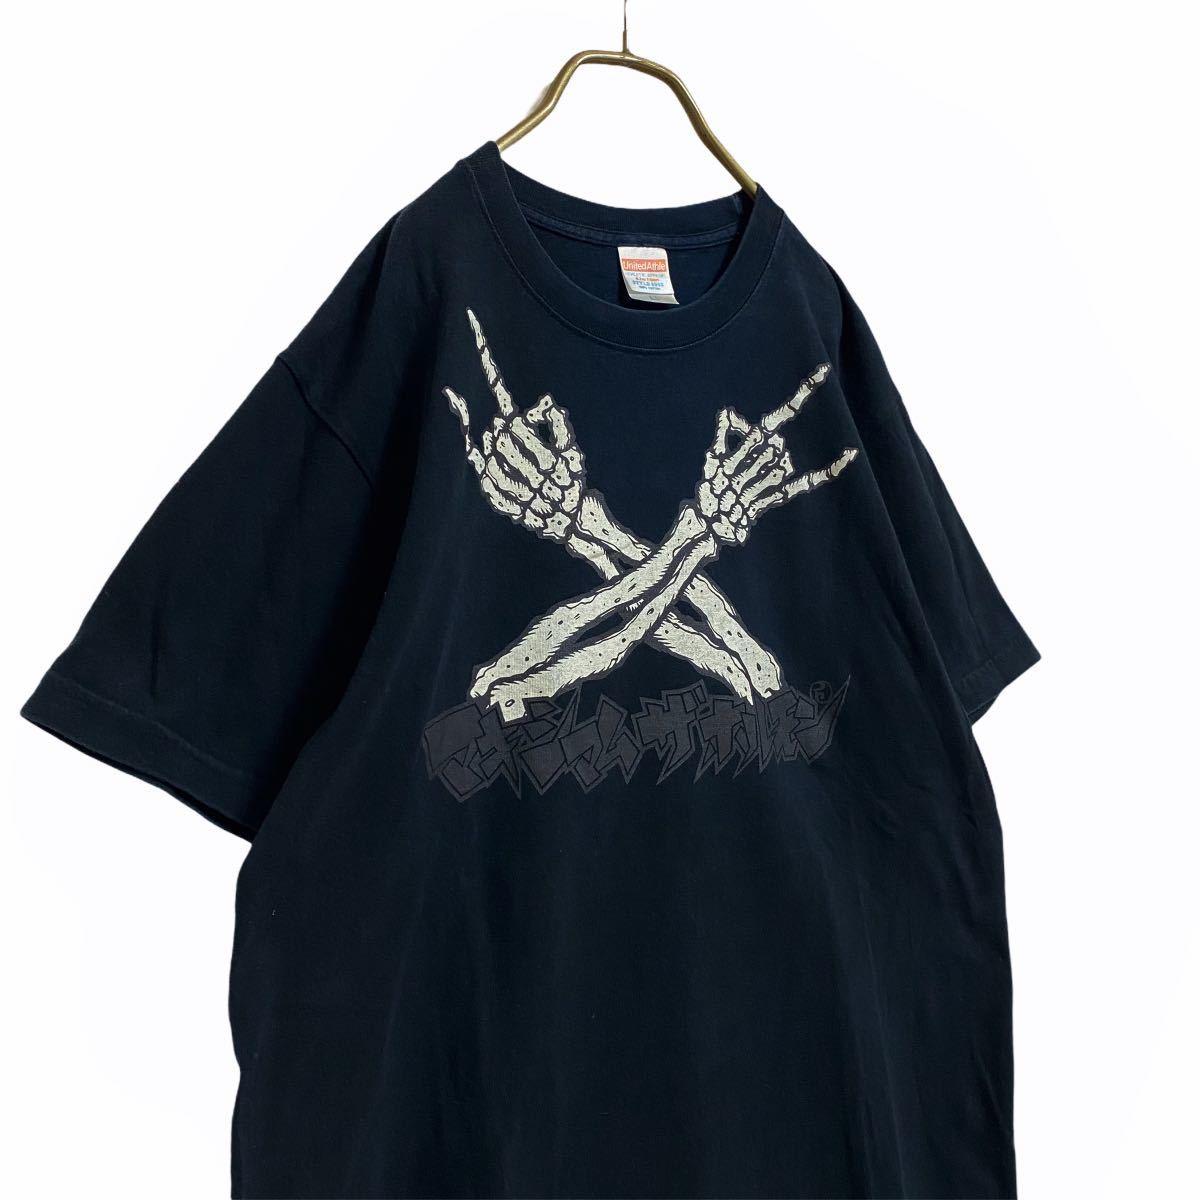 【廃盤】マキシマムザホルモン 握れ Tシャツ メンズ L 黒 古着 バンドTシャツ ロックTシャツ バナナ ロゴ カットソー ダメXXX握れ 亮君